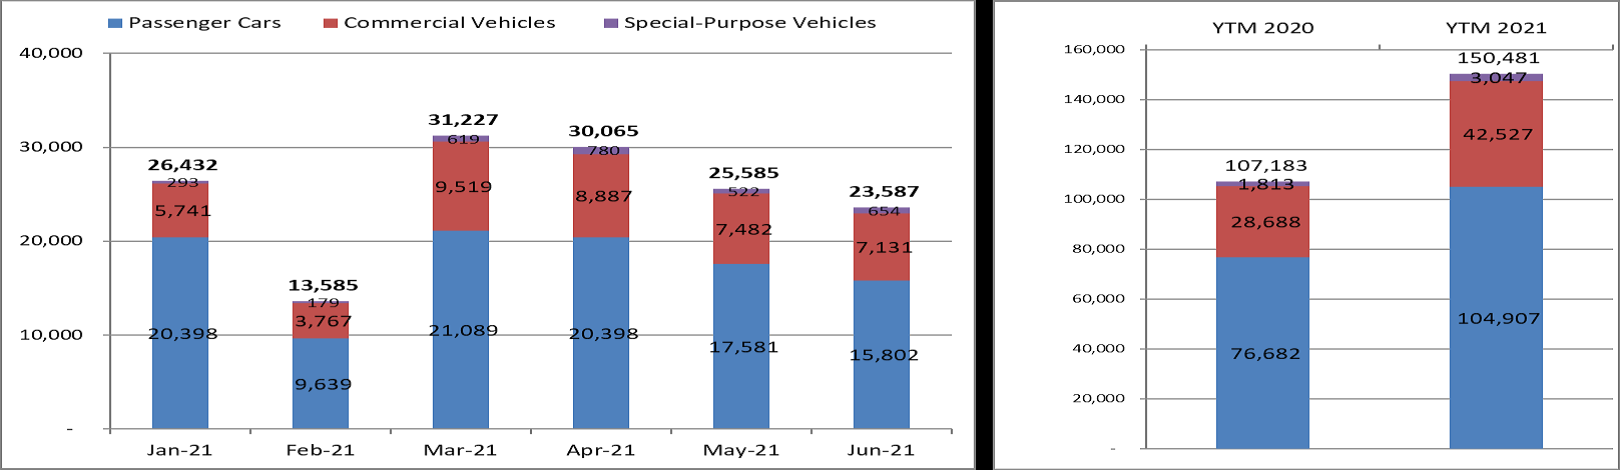 Tháng 6/2021: Sản lượng tiêu thụ ô tô tăng nhẹ